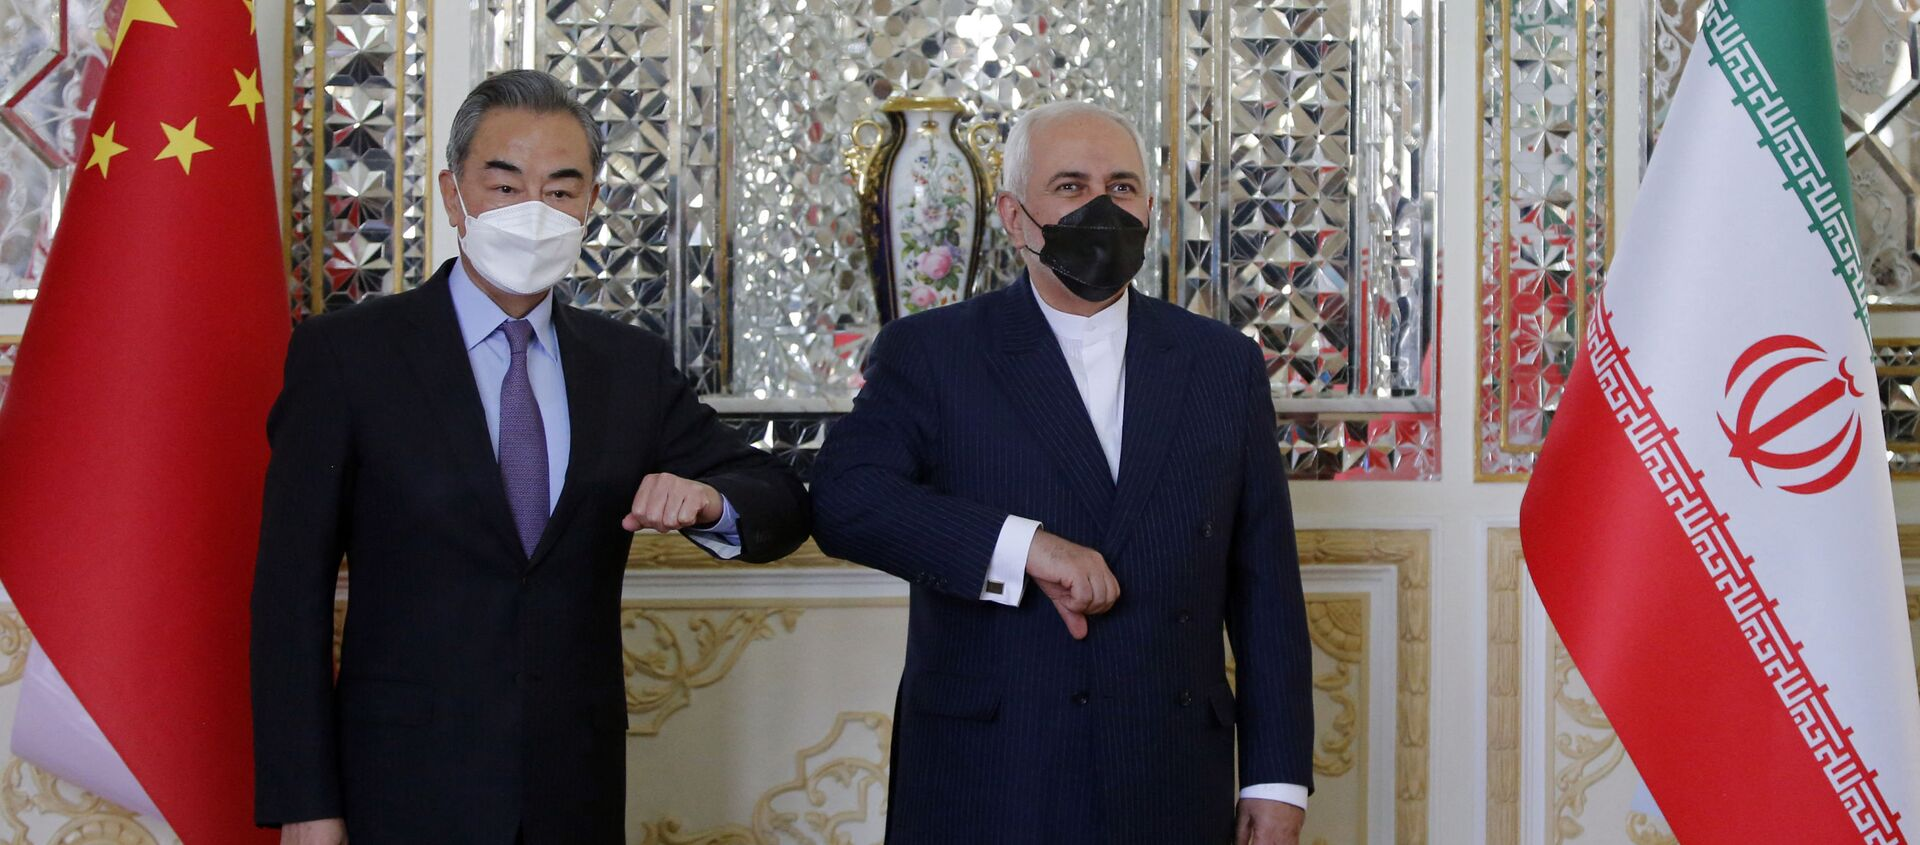 Bộ trưởng Ngoại giao Iran Mohammad Javad Zarif chào mừng người đồng cấp Trung Quốc Vương Nghị đến thăm Tehran, thủ đô Iran. - Sputnik Việt Nam, 1920, 27.03.2021